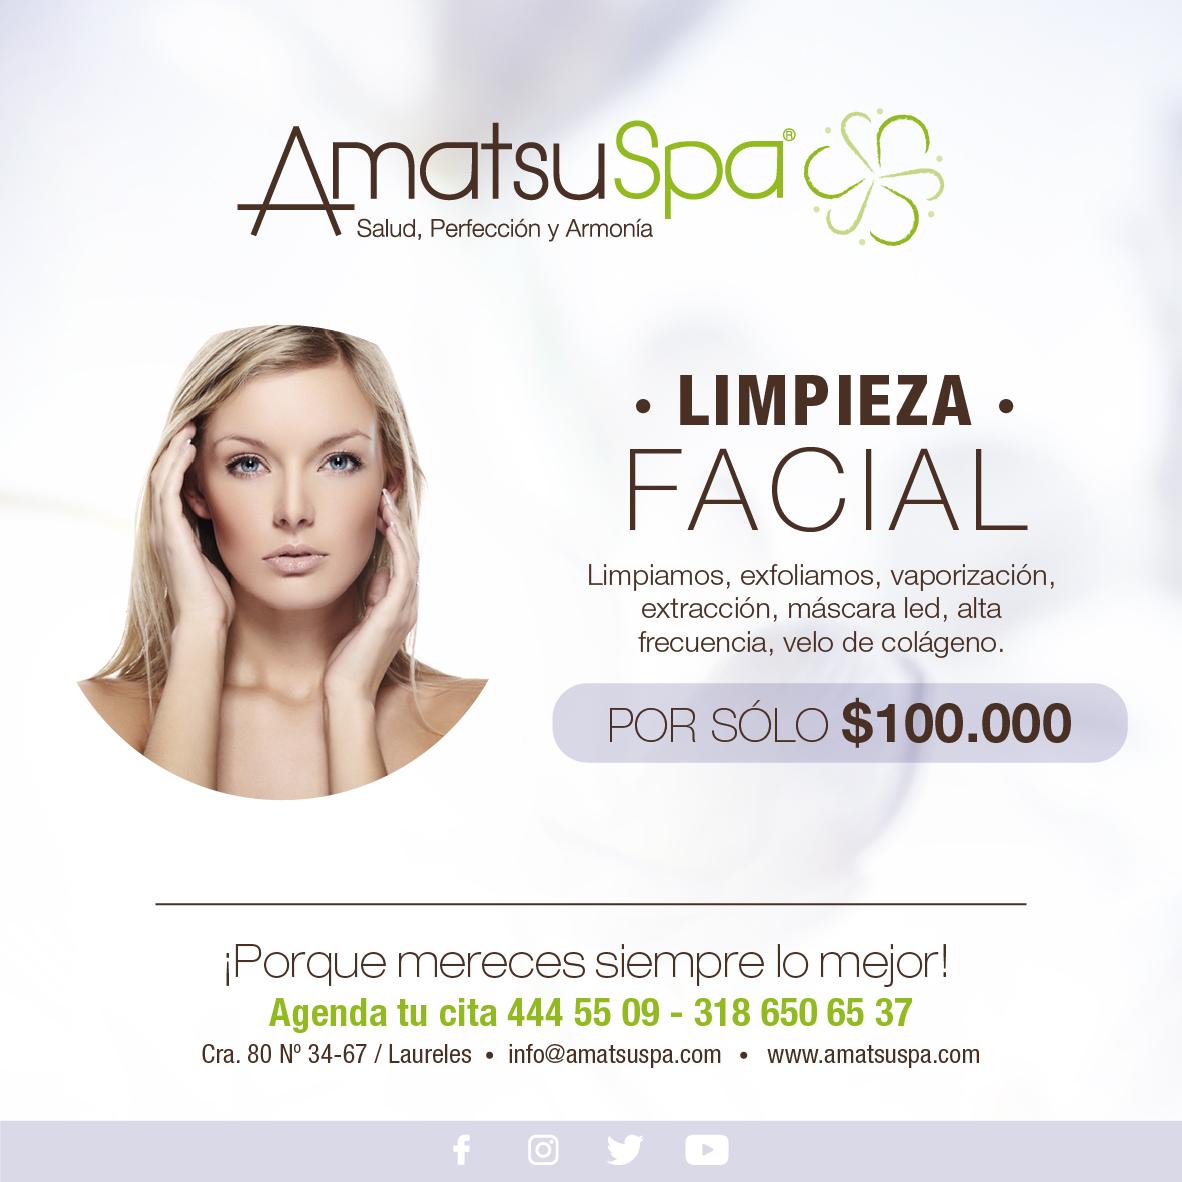 Limpieza Facial Medellín